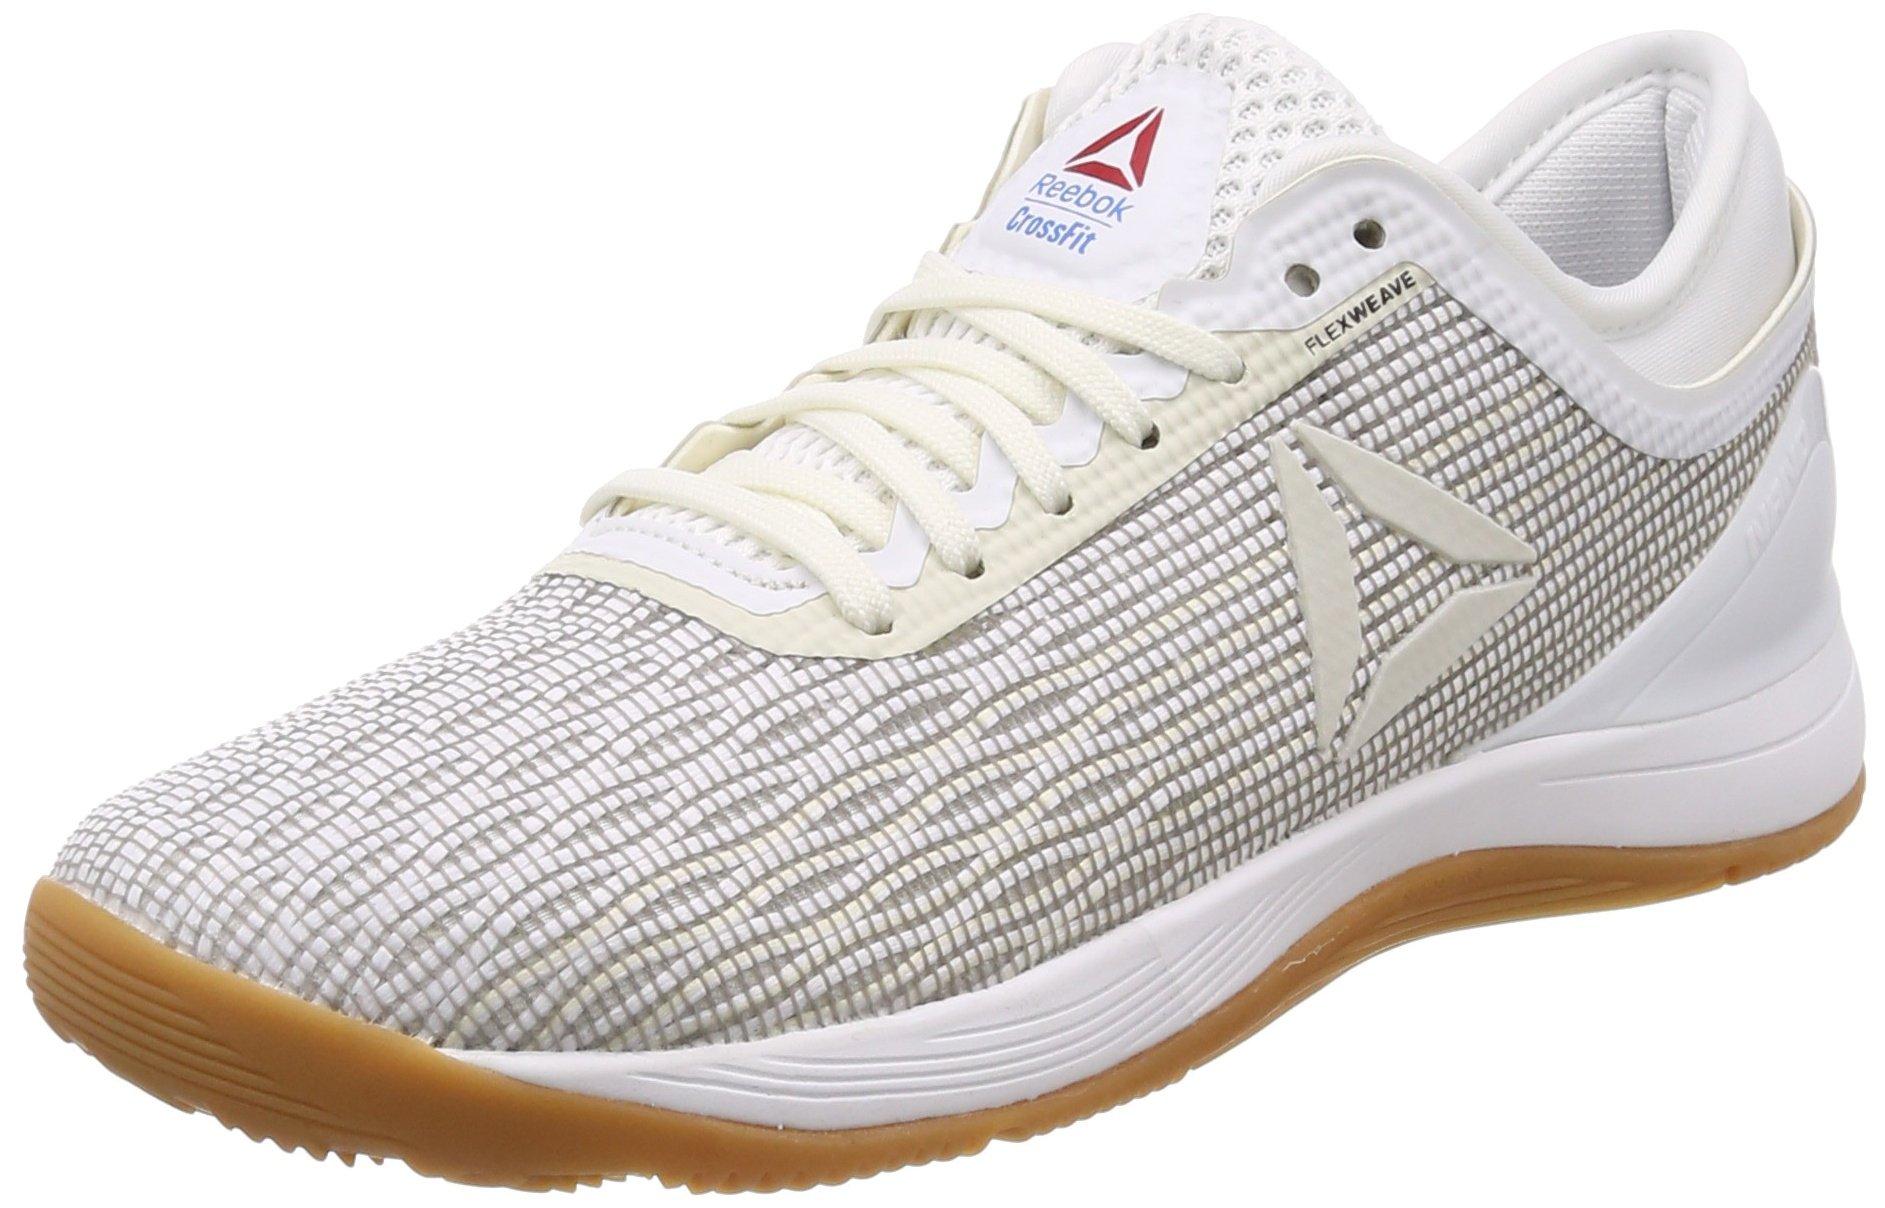 Reebok Crossfit Nano 8.0 Flexweave Women's Shoes - SS19-8 - White